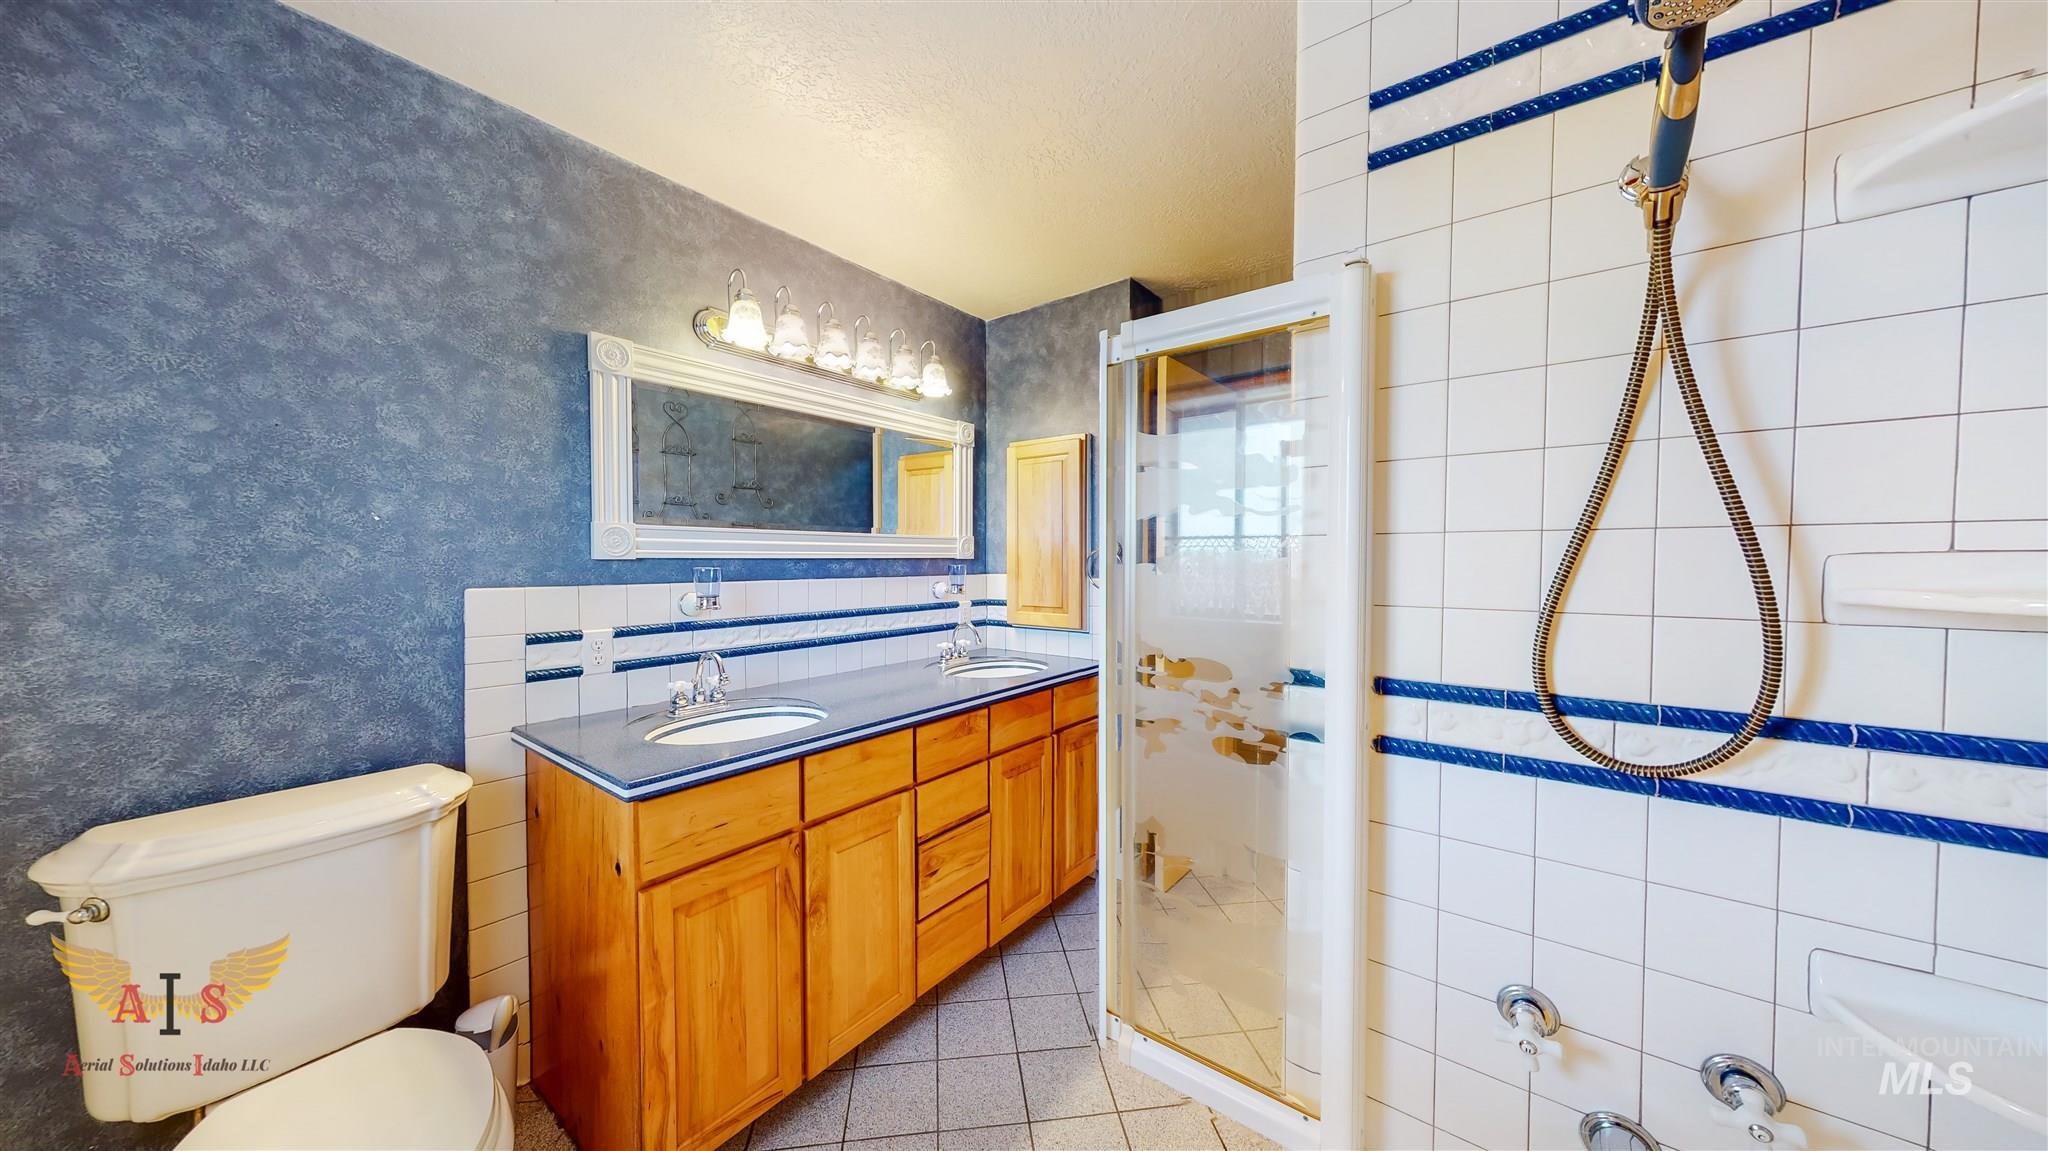 352 S 500 W Property Photo 14